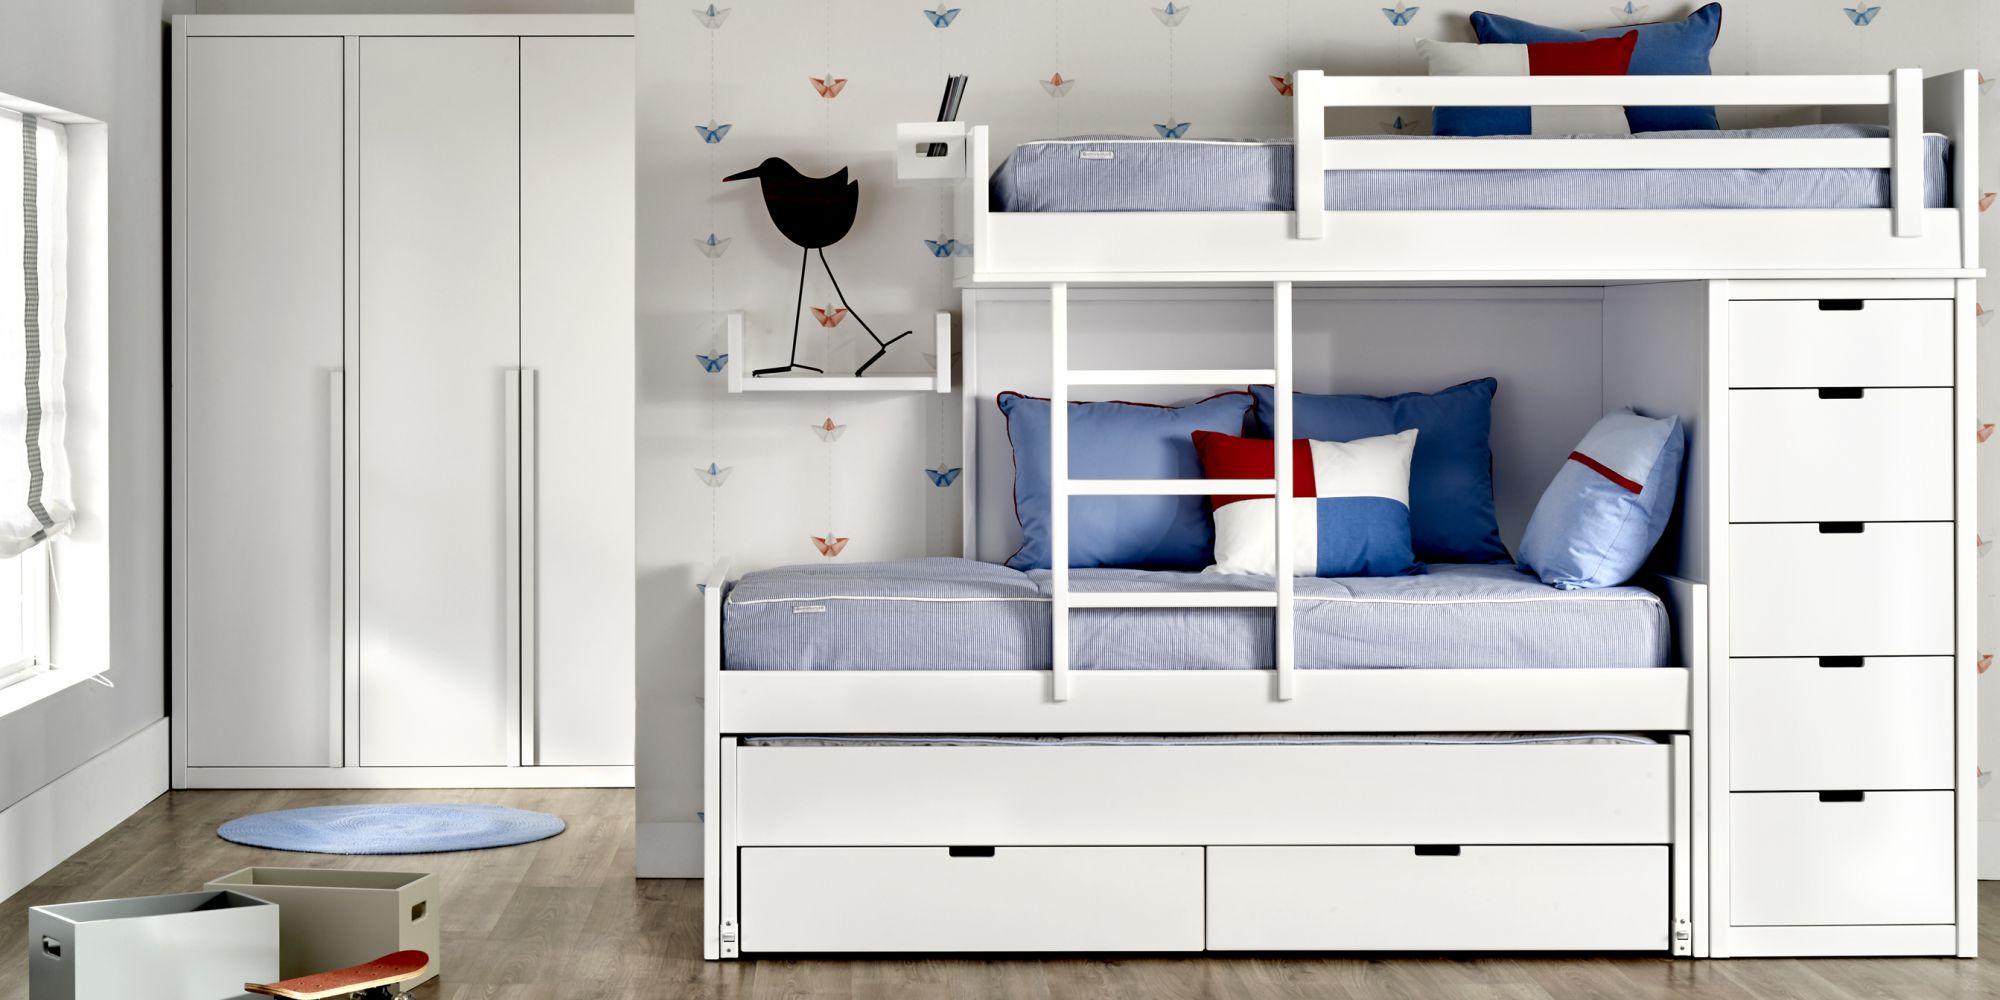 Tren con 3 camas, chiffonier y armario, ideal para habitación infantil | Mueble Infantil